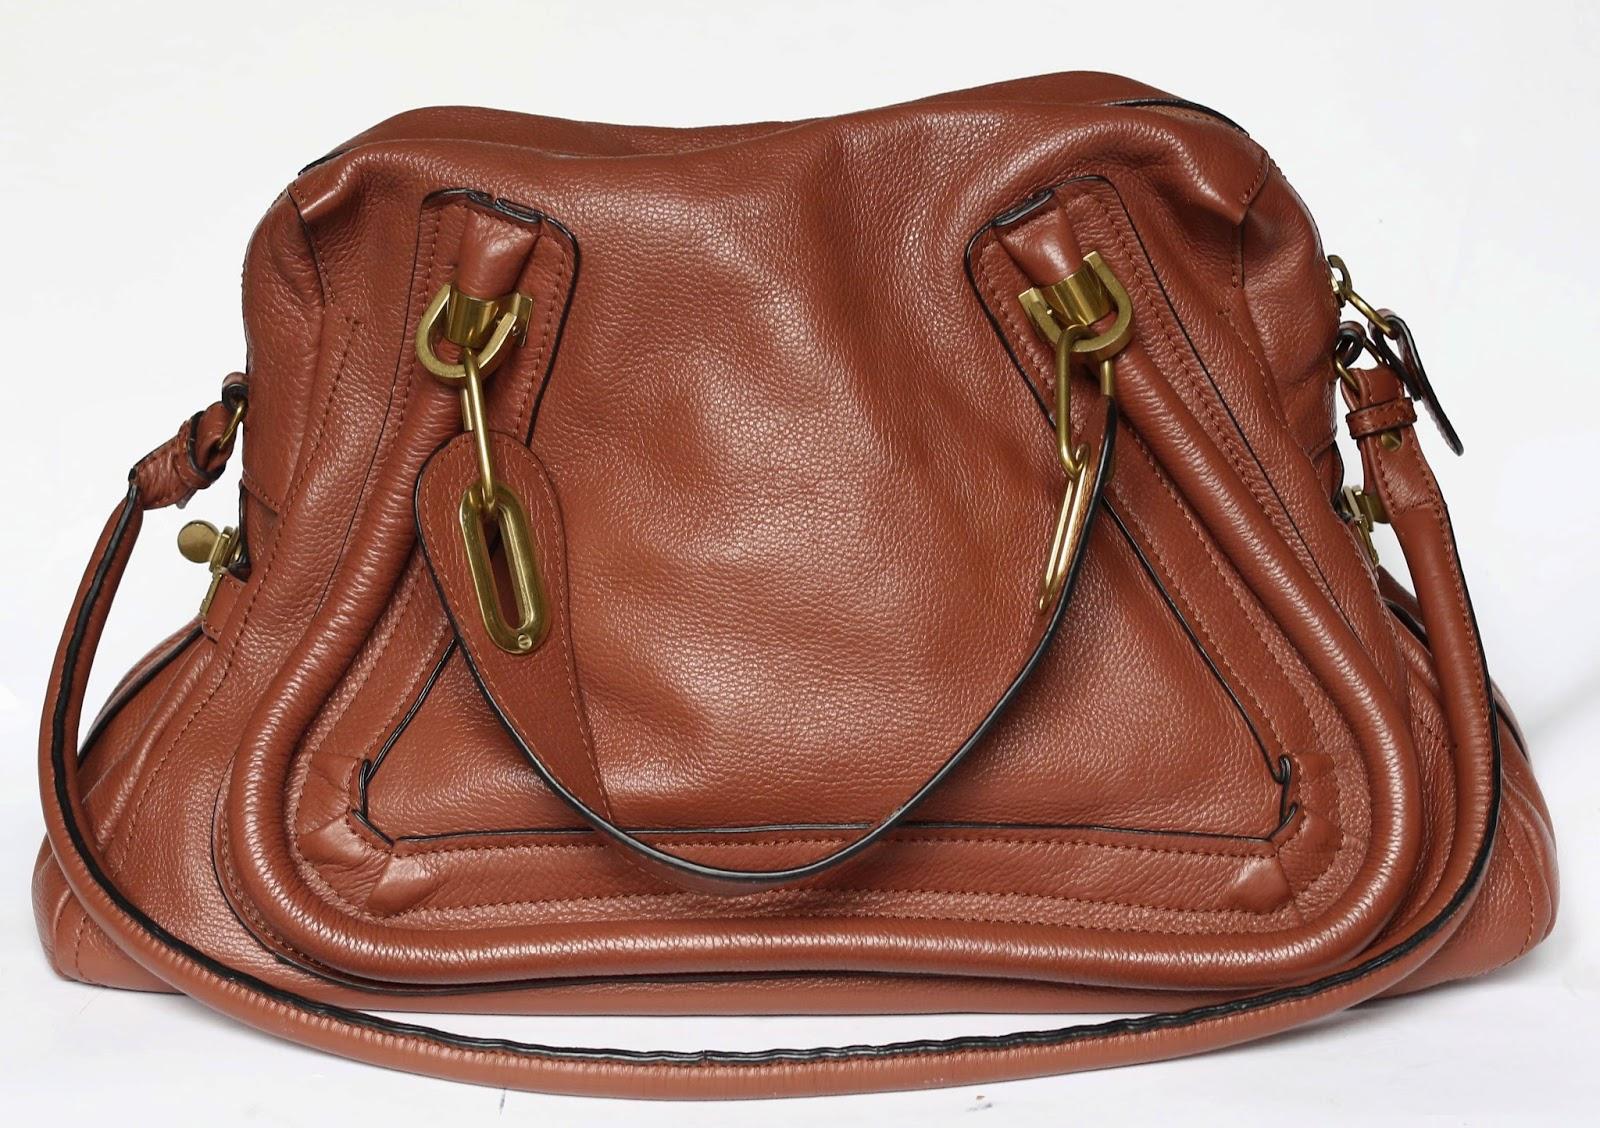 Top LOUISE PARIS: Exemple de contrefaçon de sac CHLOE UL21